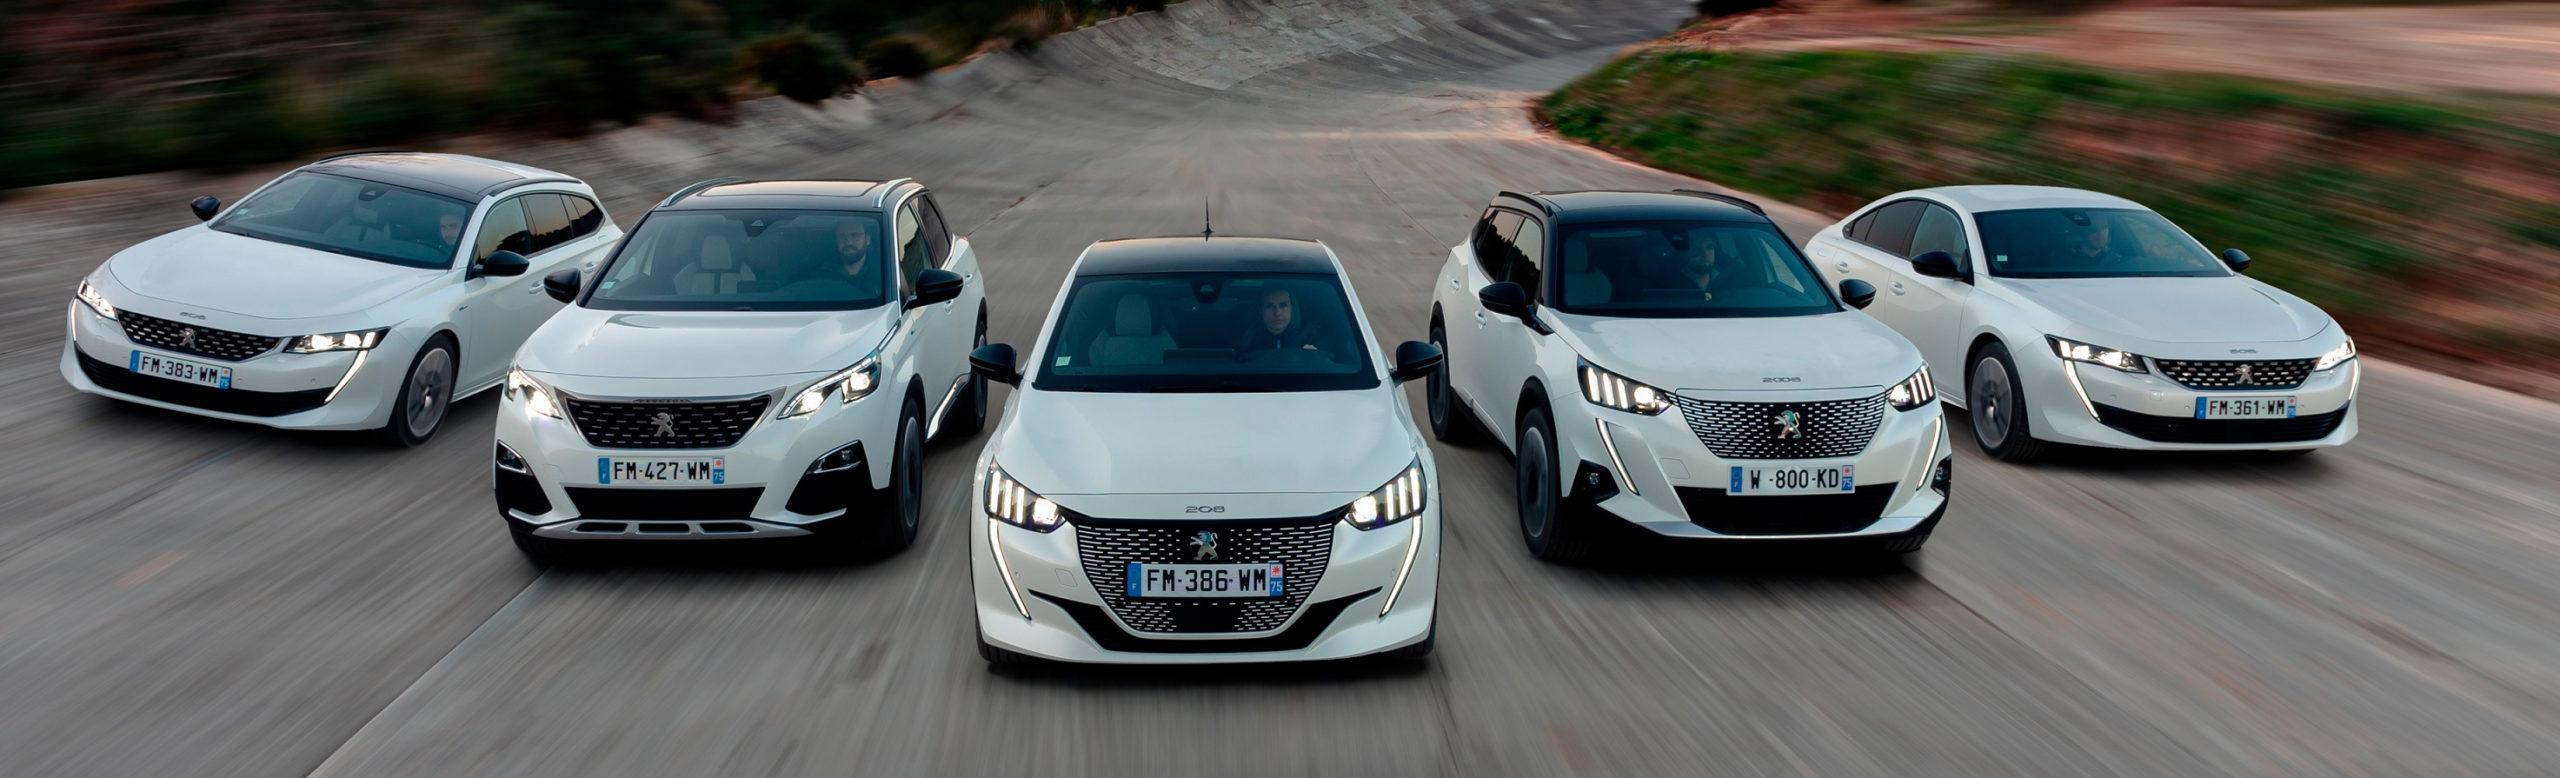 4 modos de Conducción by Peugeot